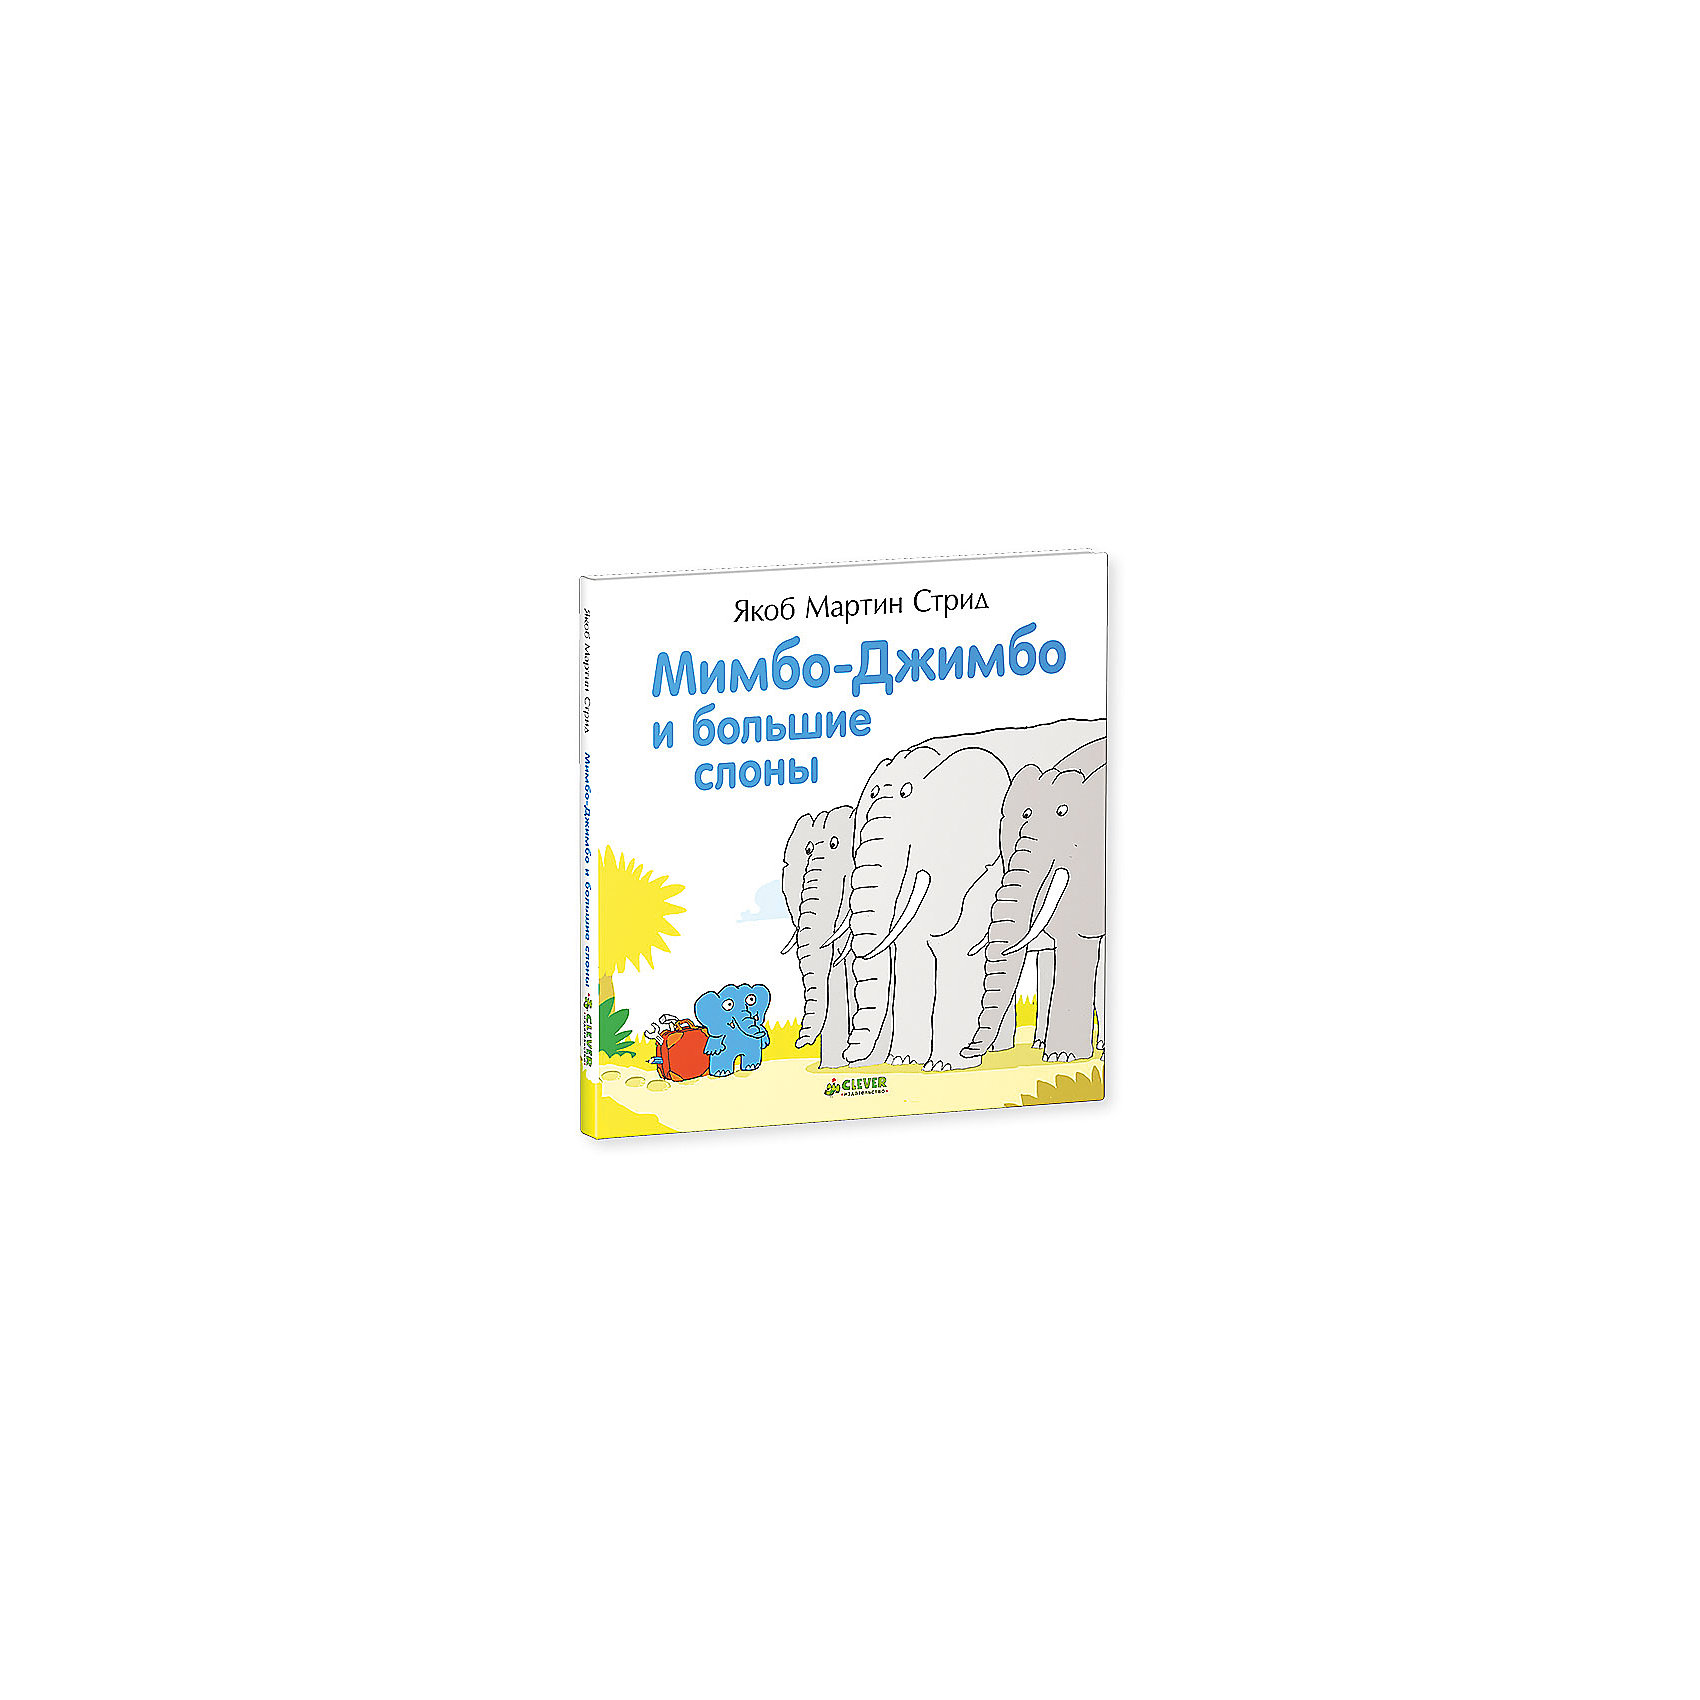 Мимбо-Джимбо и большие слоны, Я. М. СтридCLEVER (КЛЕВЕР)<br>Волшебные истории помогают не только весело провести время с детьми - это мощный инструмент для развития и обучения малышей. Интеллект и словарный запас ребенка нужно развивать - и тогда он в дальнейшем сможет освоить больше полезных навыков. Сделать это занятие интересным и легким поможет данная книга с доброй и интересной сказкой.<br>С помощью ярких картинок можно легко познакомить ребенка с сюжетом этой замечательной сказки про слоненка и бегемотика, дать ему поток новых слов и выражений. Книга отличается удобным форматом, твердым переплетом и красочными изображениями, которые малыши с удовольствием рассматривают. Это издание пригодятся для тех, кто хочет вырастить гармоничного человека. <br><br>Дополнительная информация:<br><br>размер: 20 x 20 см;<br>страниц: 56;<br>твердый переплет.<br><br>Издание Мимбо-Джимбо и большие слоны, Я. М. Стрид можно купить в нашем интернет-магазине.<br><br>Ширина мм: 200<br>Глубина мм: 200<br>Высота мм: 10<br>Вес г: 334<br>Возраст от месяцев: 0<br>Возраст до месяцев: 36<br>Пол: Унисекс<br>Возраст: Детский<br>SKU: 4976154